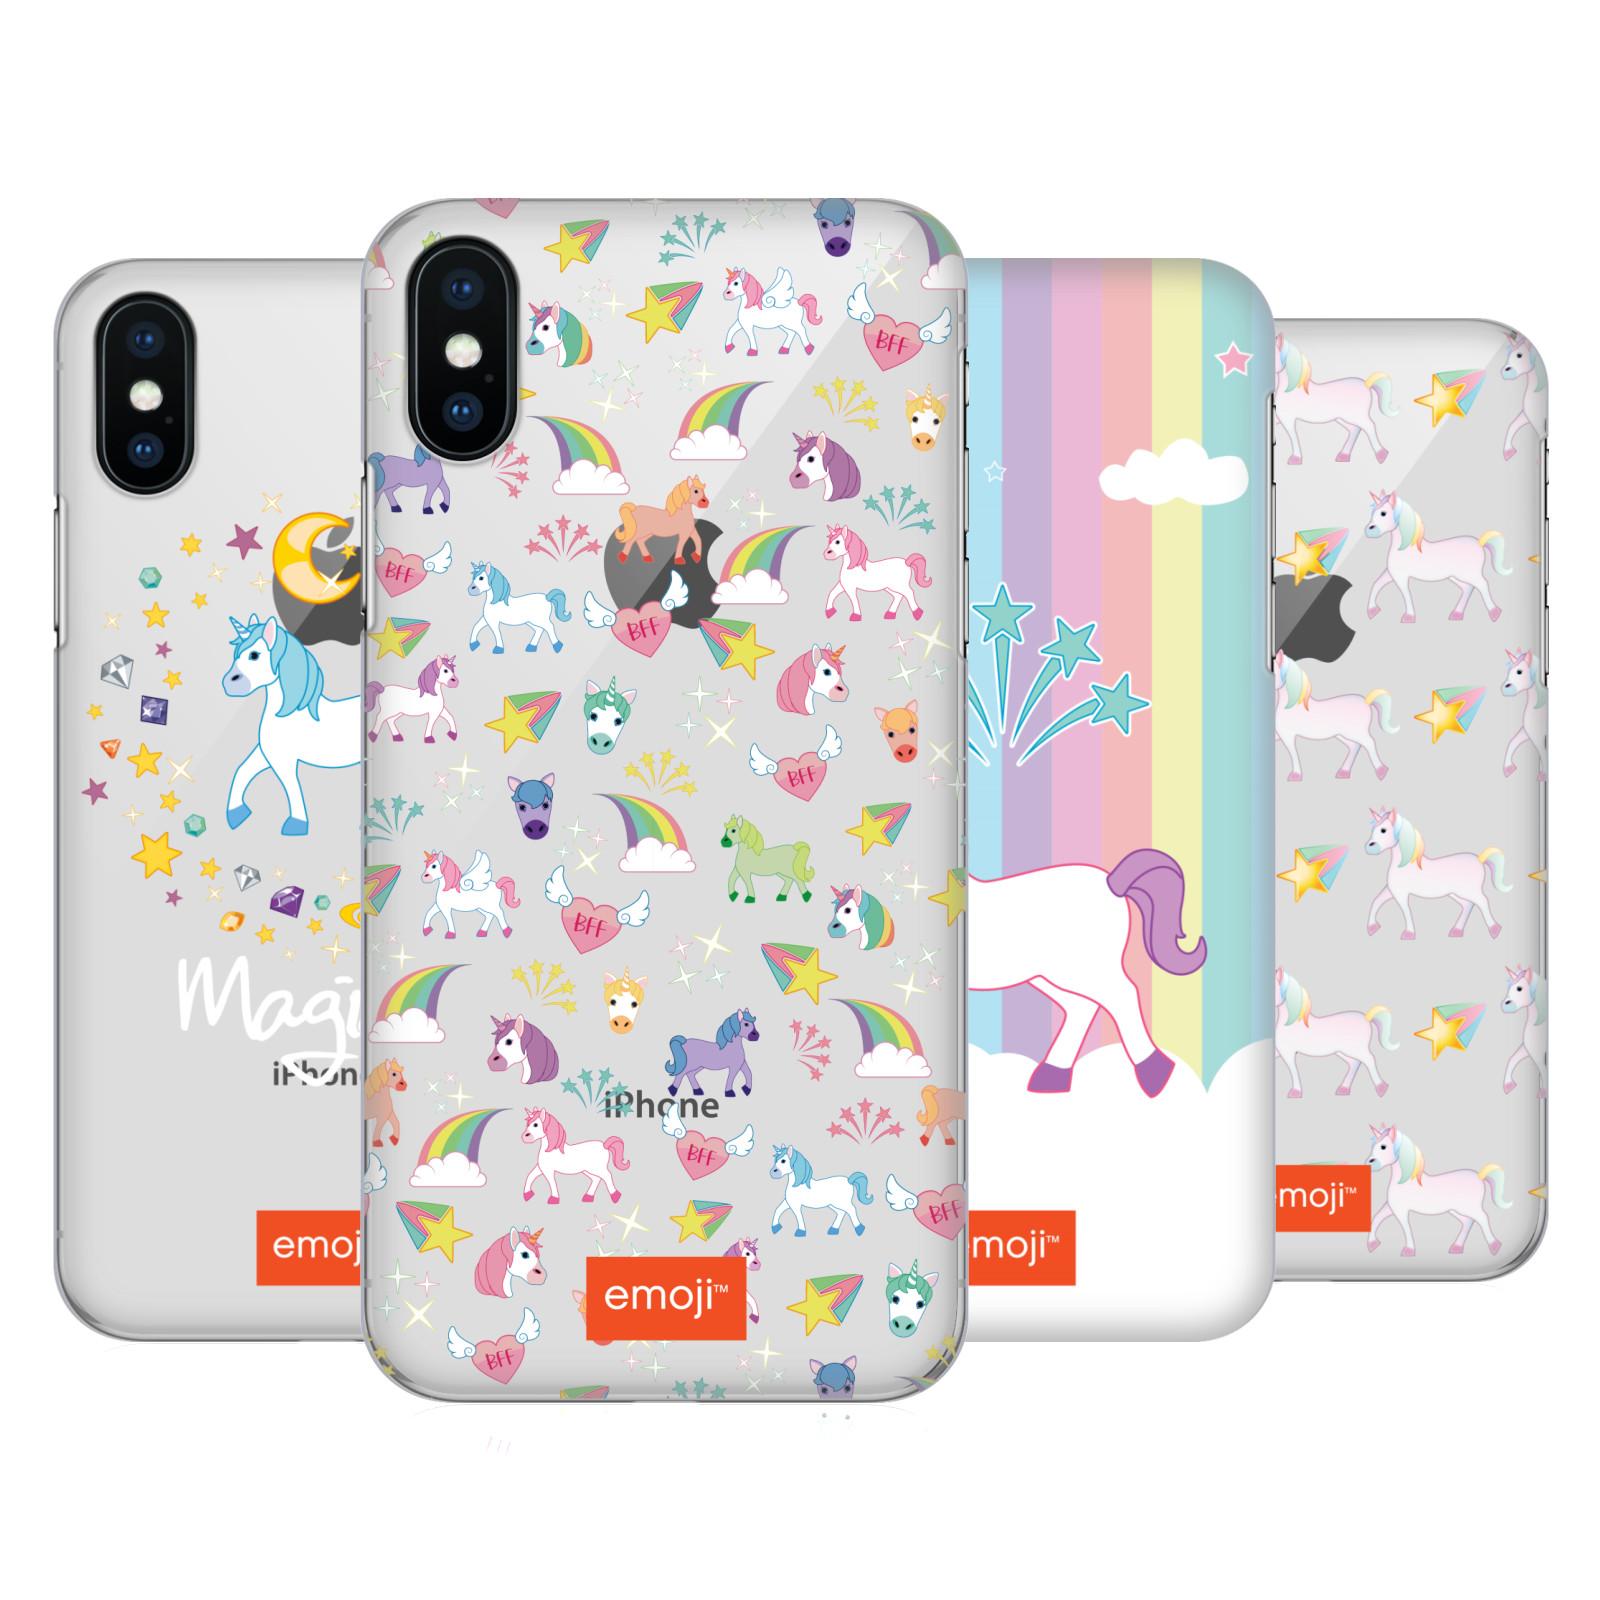 emoji® Unicorn Sparkle